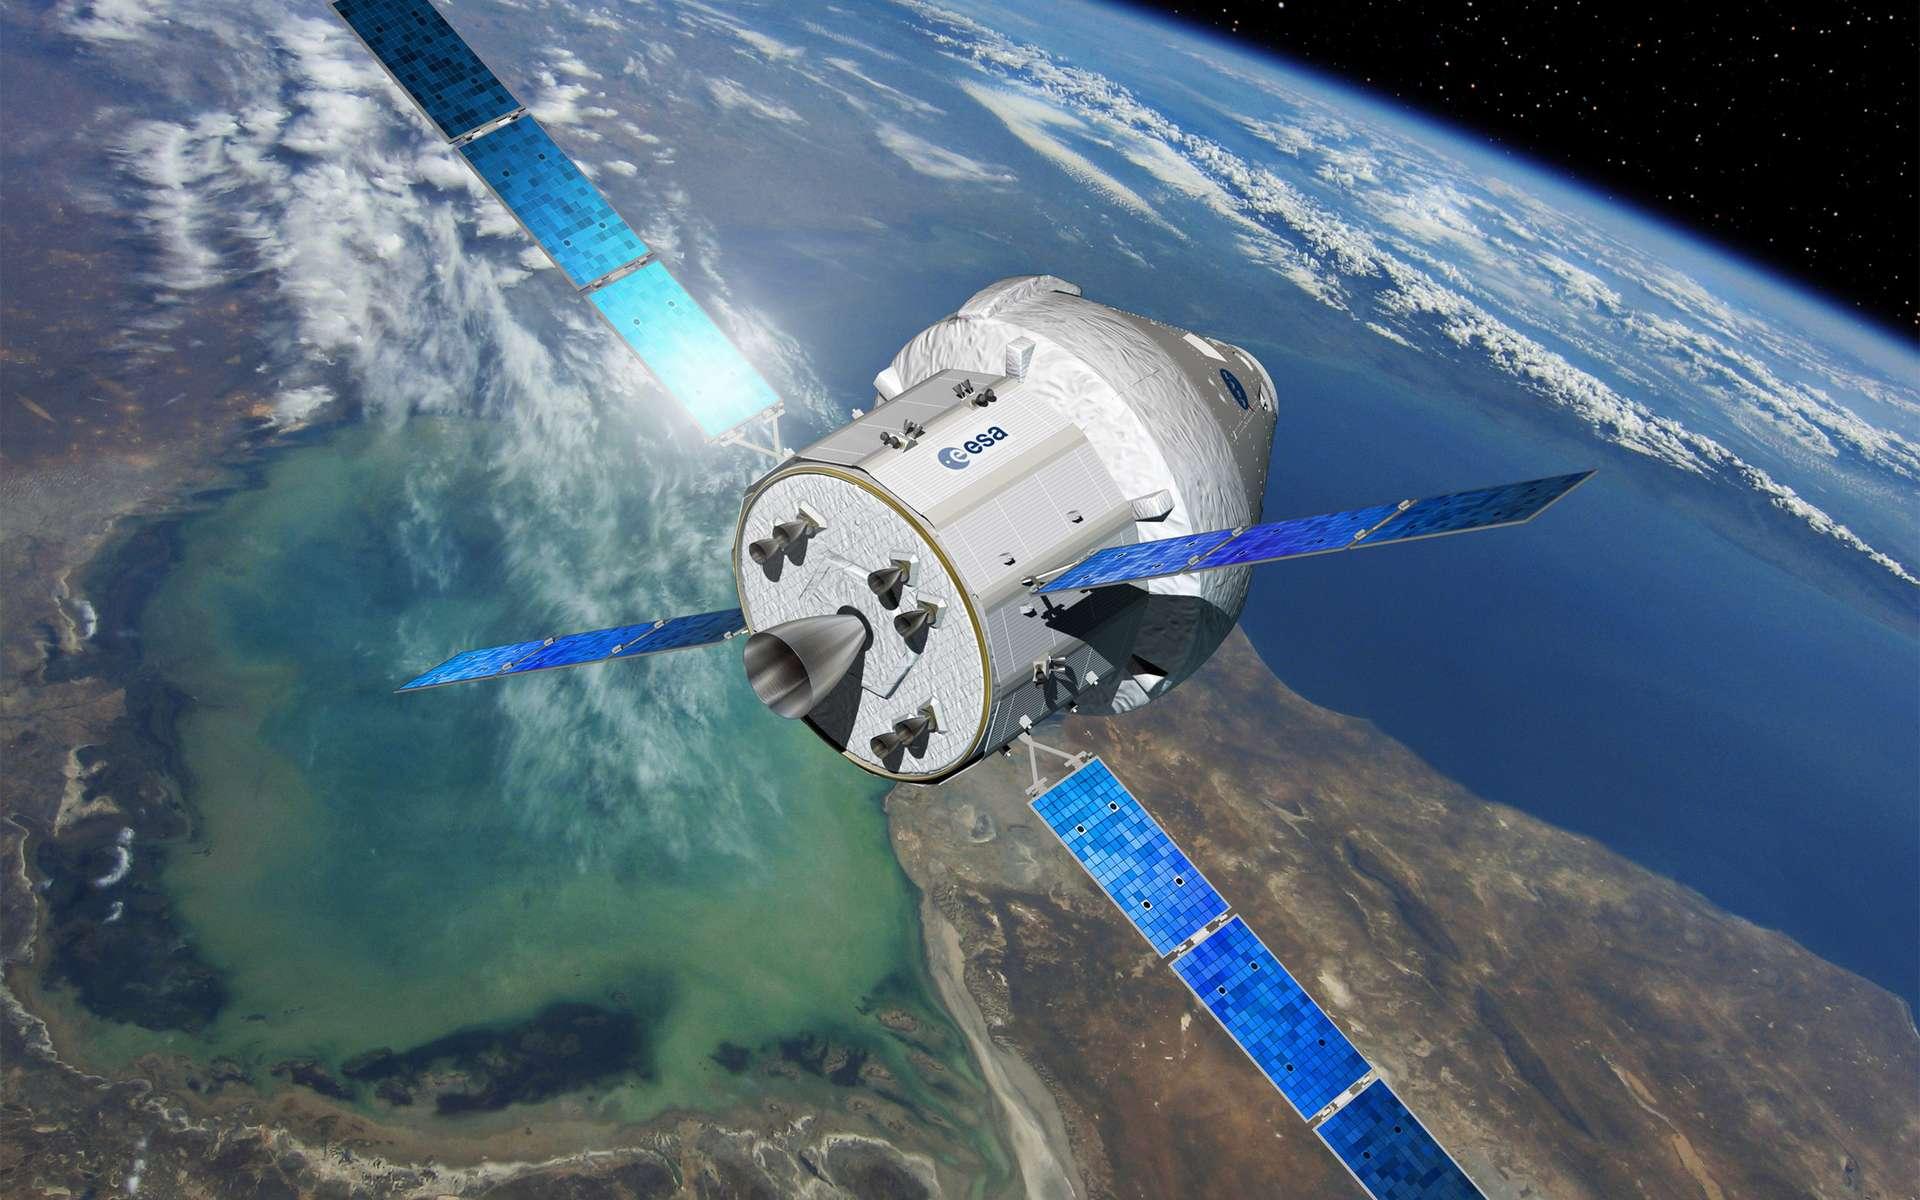 Ce futur véhicule d'exploration de la Nasa s'apparente aux capsules Apollo du programme lunaire américain des années 1960 et 1970. Cependant, avec un diamètre de 5 mètres et un volume d'air pressurisé de 20 mètres cubes, contre 10 mètres cubes pour Apollo, Orion sera bien plus grand et surtout capable de transporter deux fois plus d'astronautes (6 contre 3). Les missions seront également différentes. Si celles d'Apollo se limitaient à la Lune, ce véhicule est conçu pour voyager au-delà de la Lune (astéroïdes, Mars, point de Lagrange). © Esa, D. Ducros